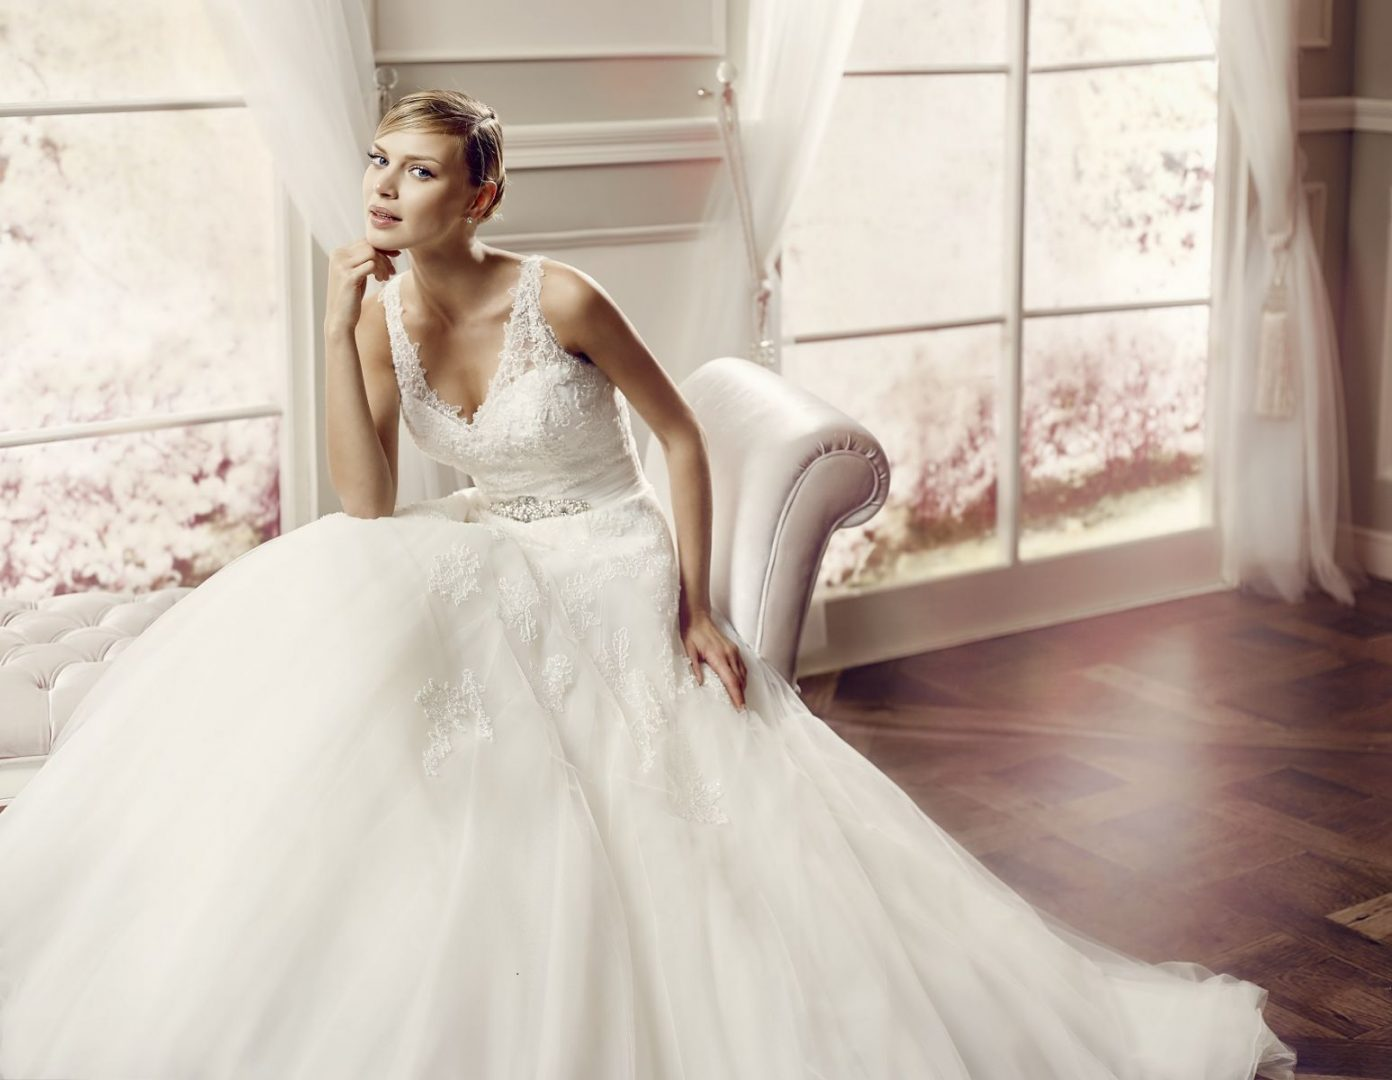 Modeca esküvői ruha | 2016 menyasszonyi ruha kollekció